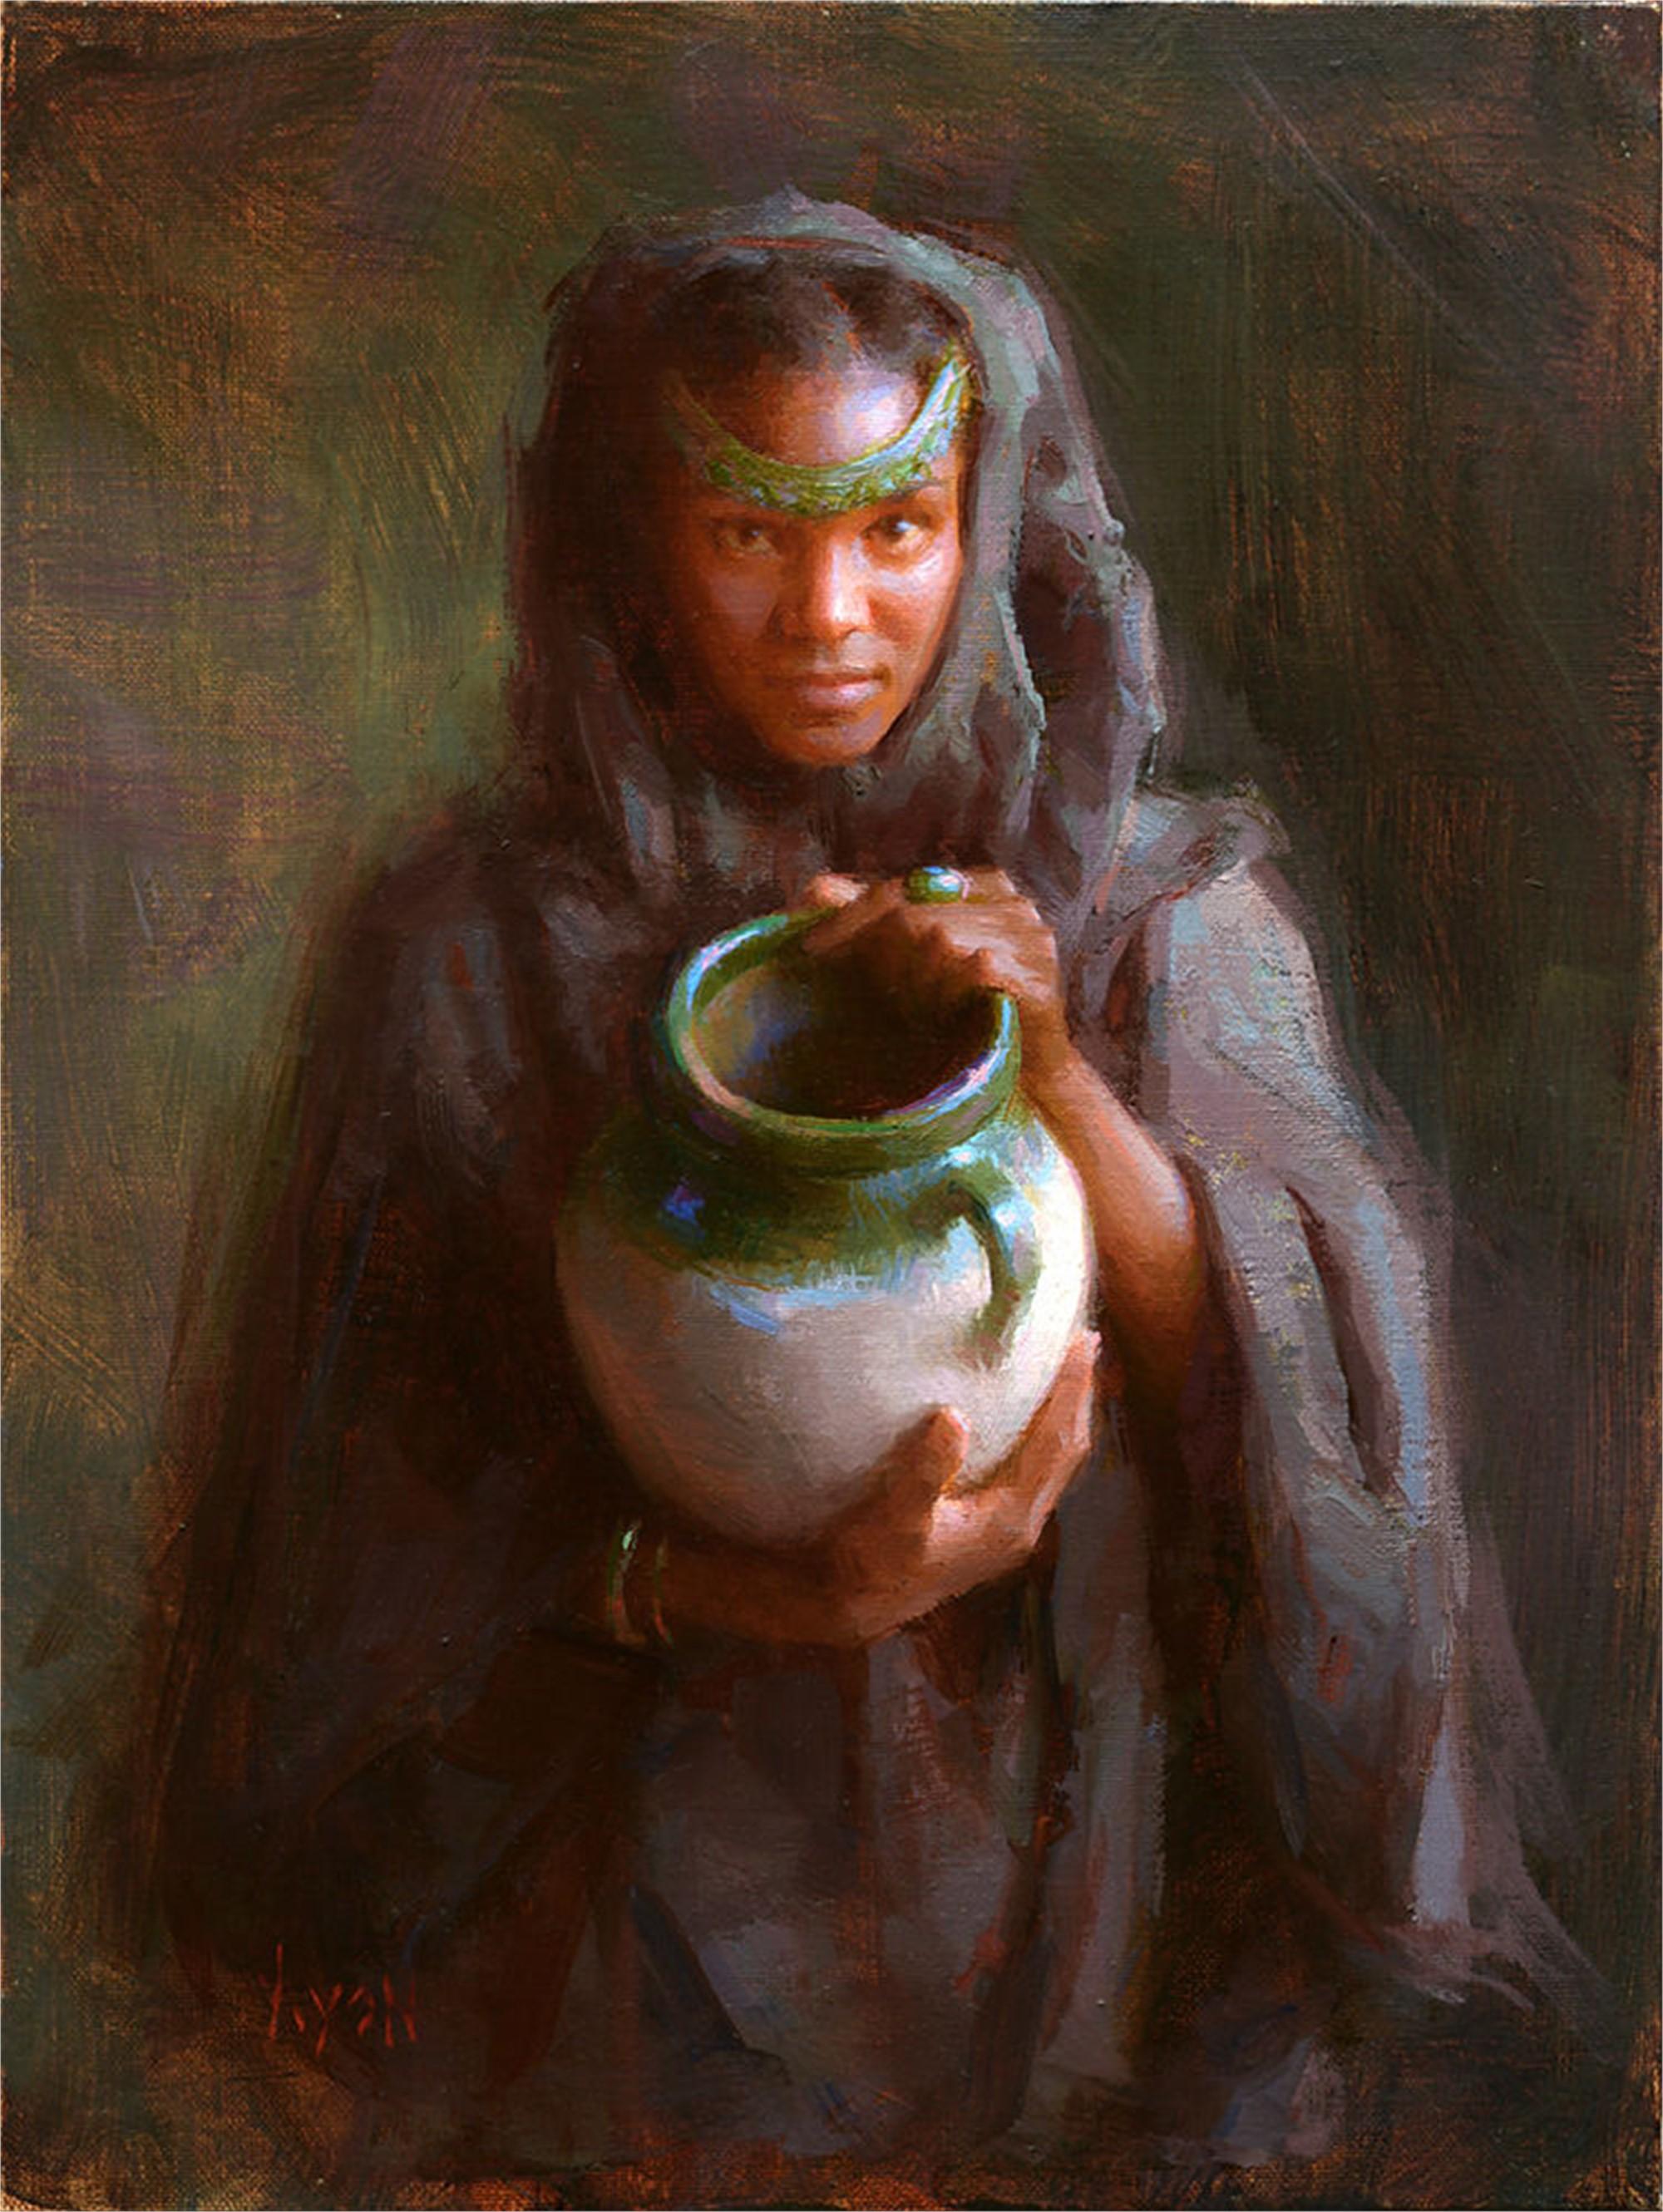 Buque Esmeralda by Susan Lyon